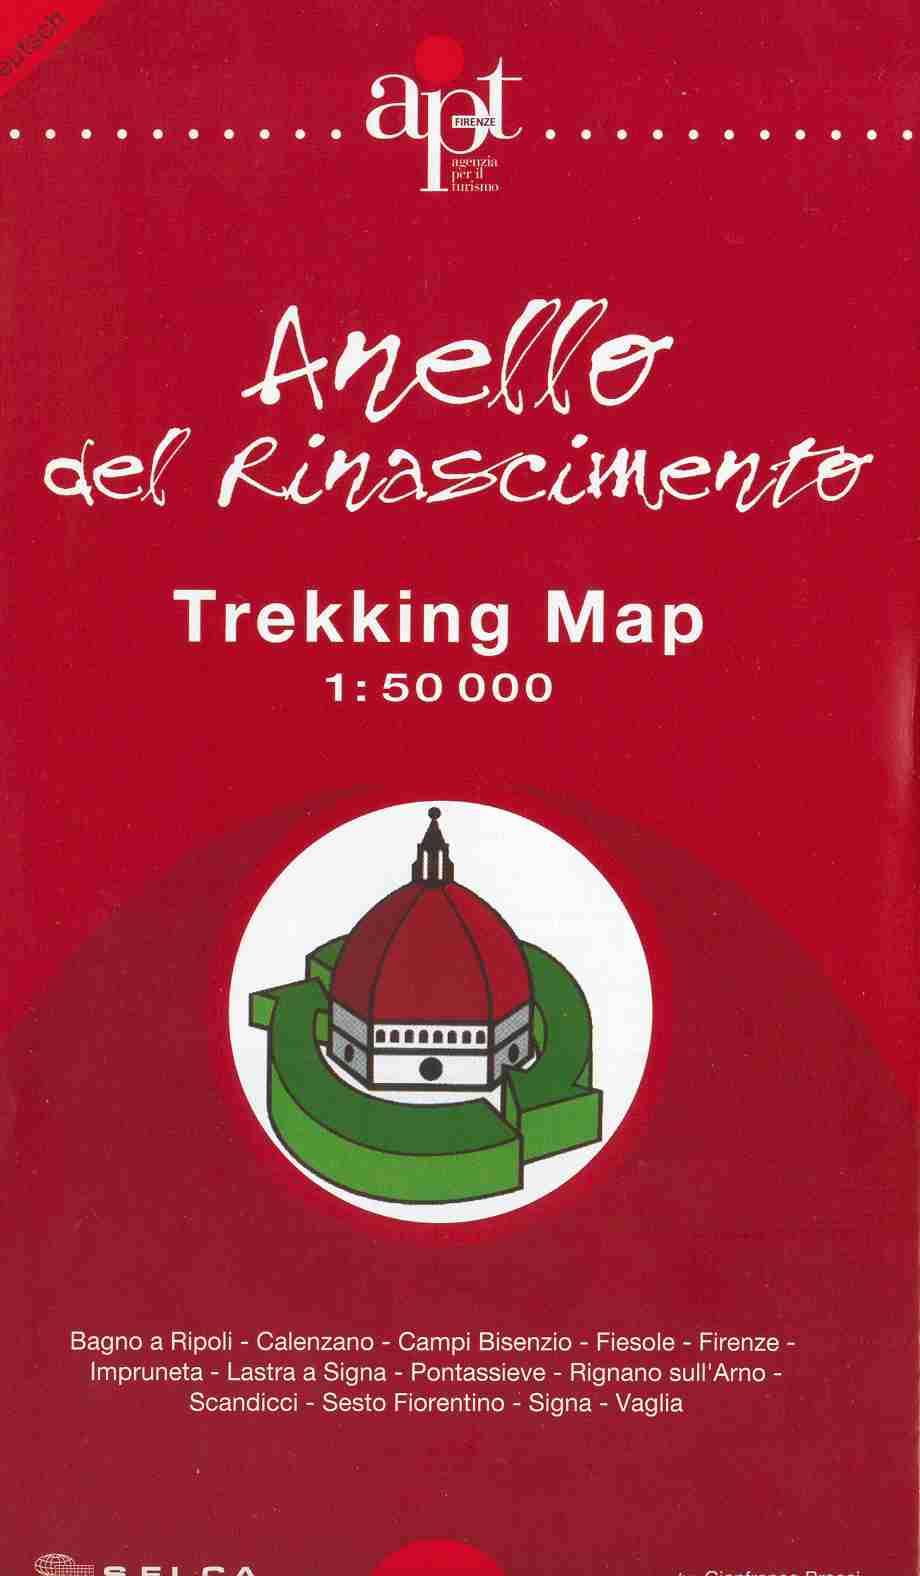 La copertina della Trekking Map dell'Anello del Rinascimento